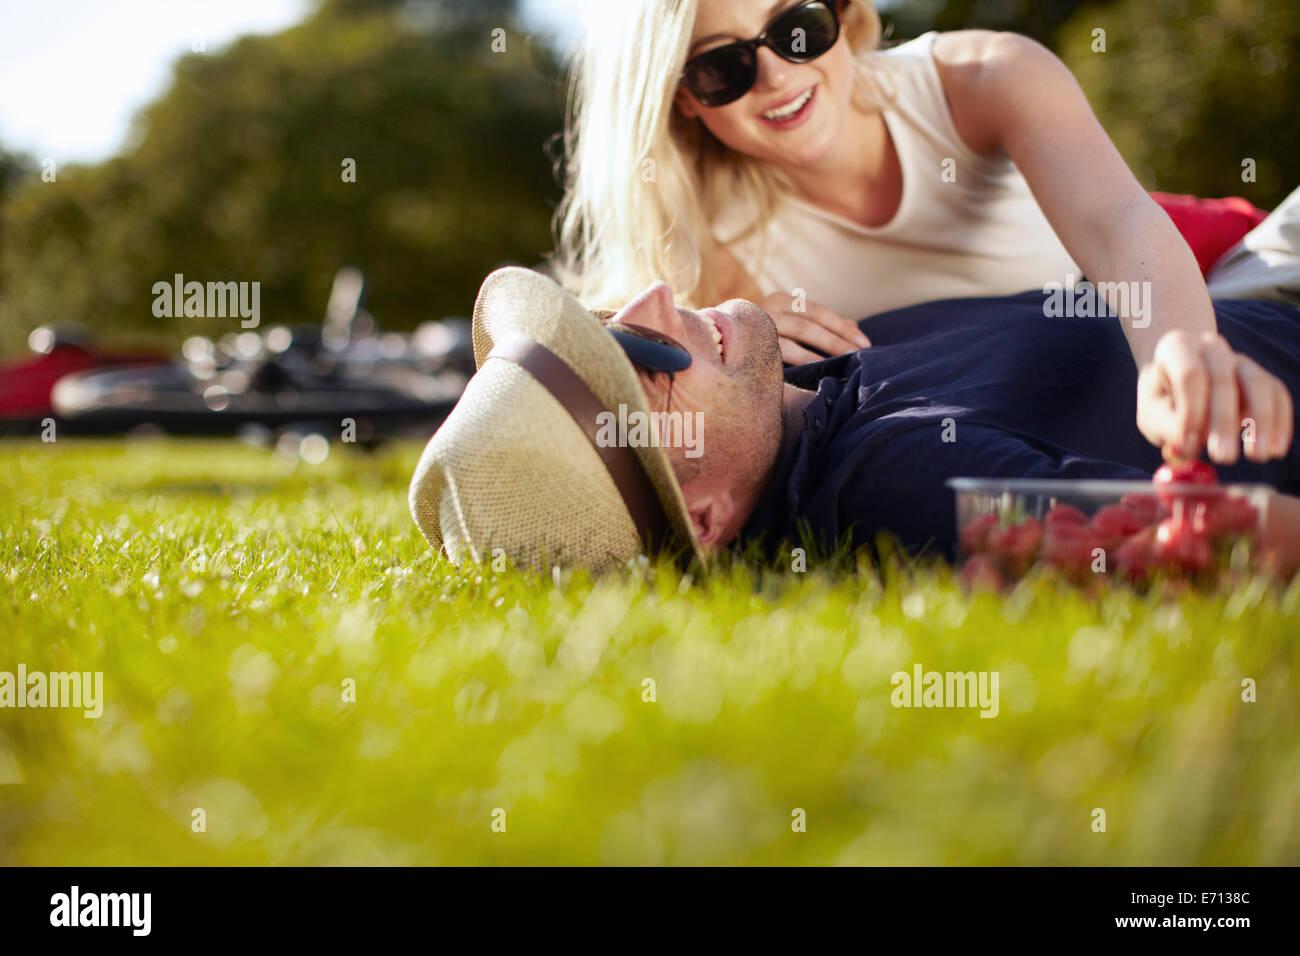 Mujer joven alcanzando las fresas mientras novio tumbado en el parque Imagen De Stock